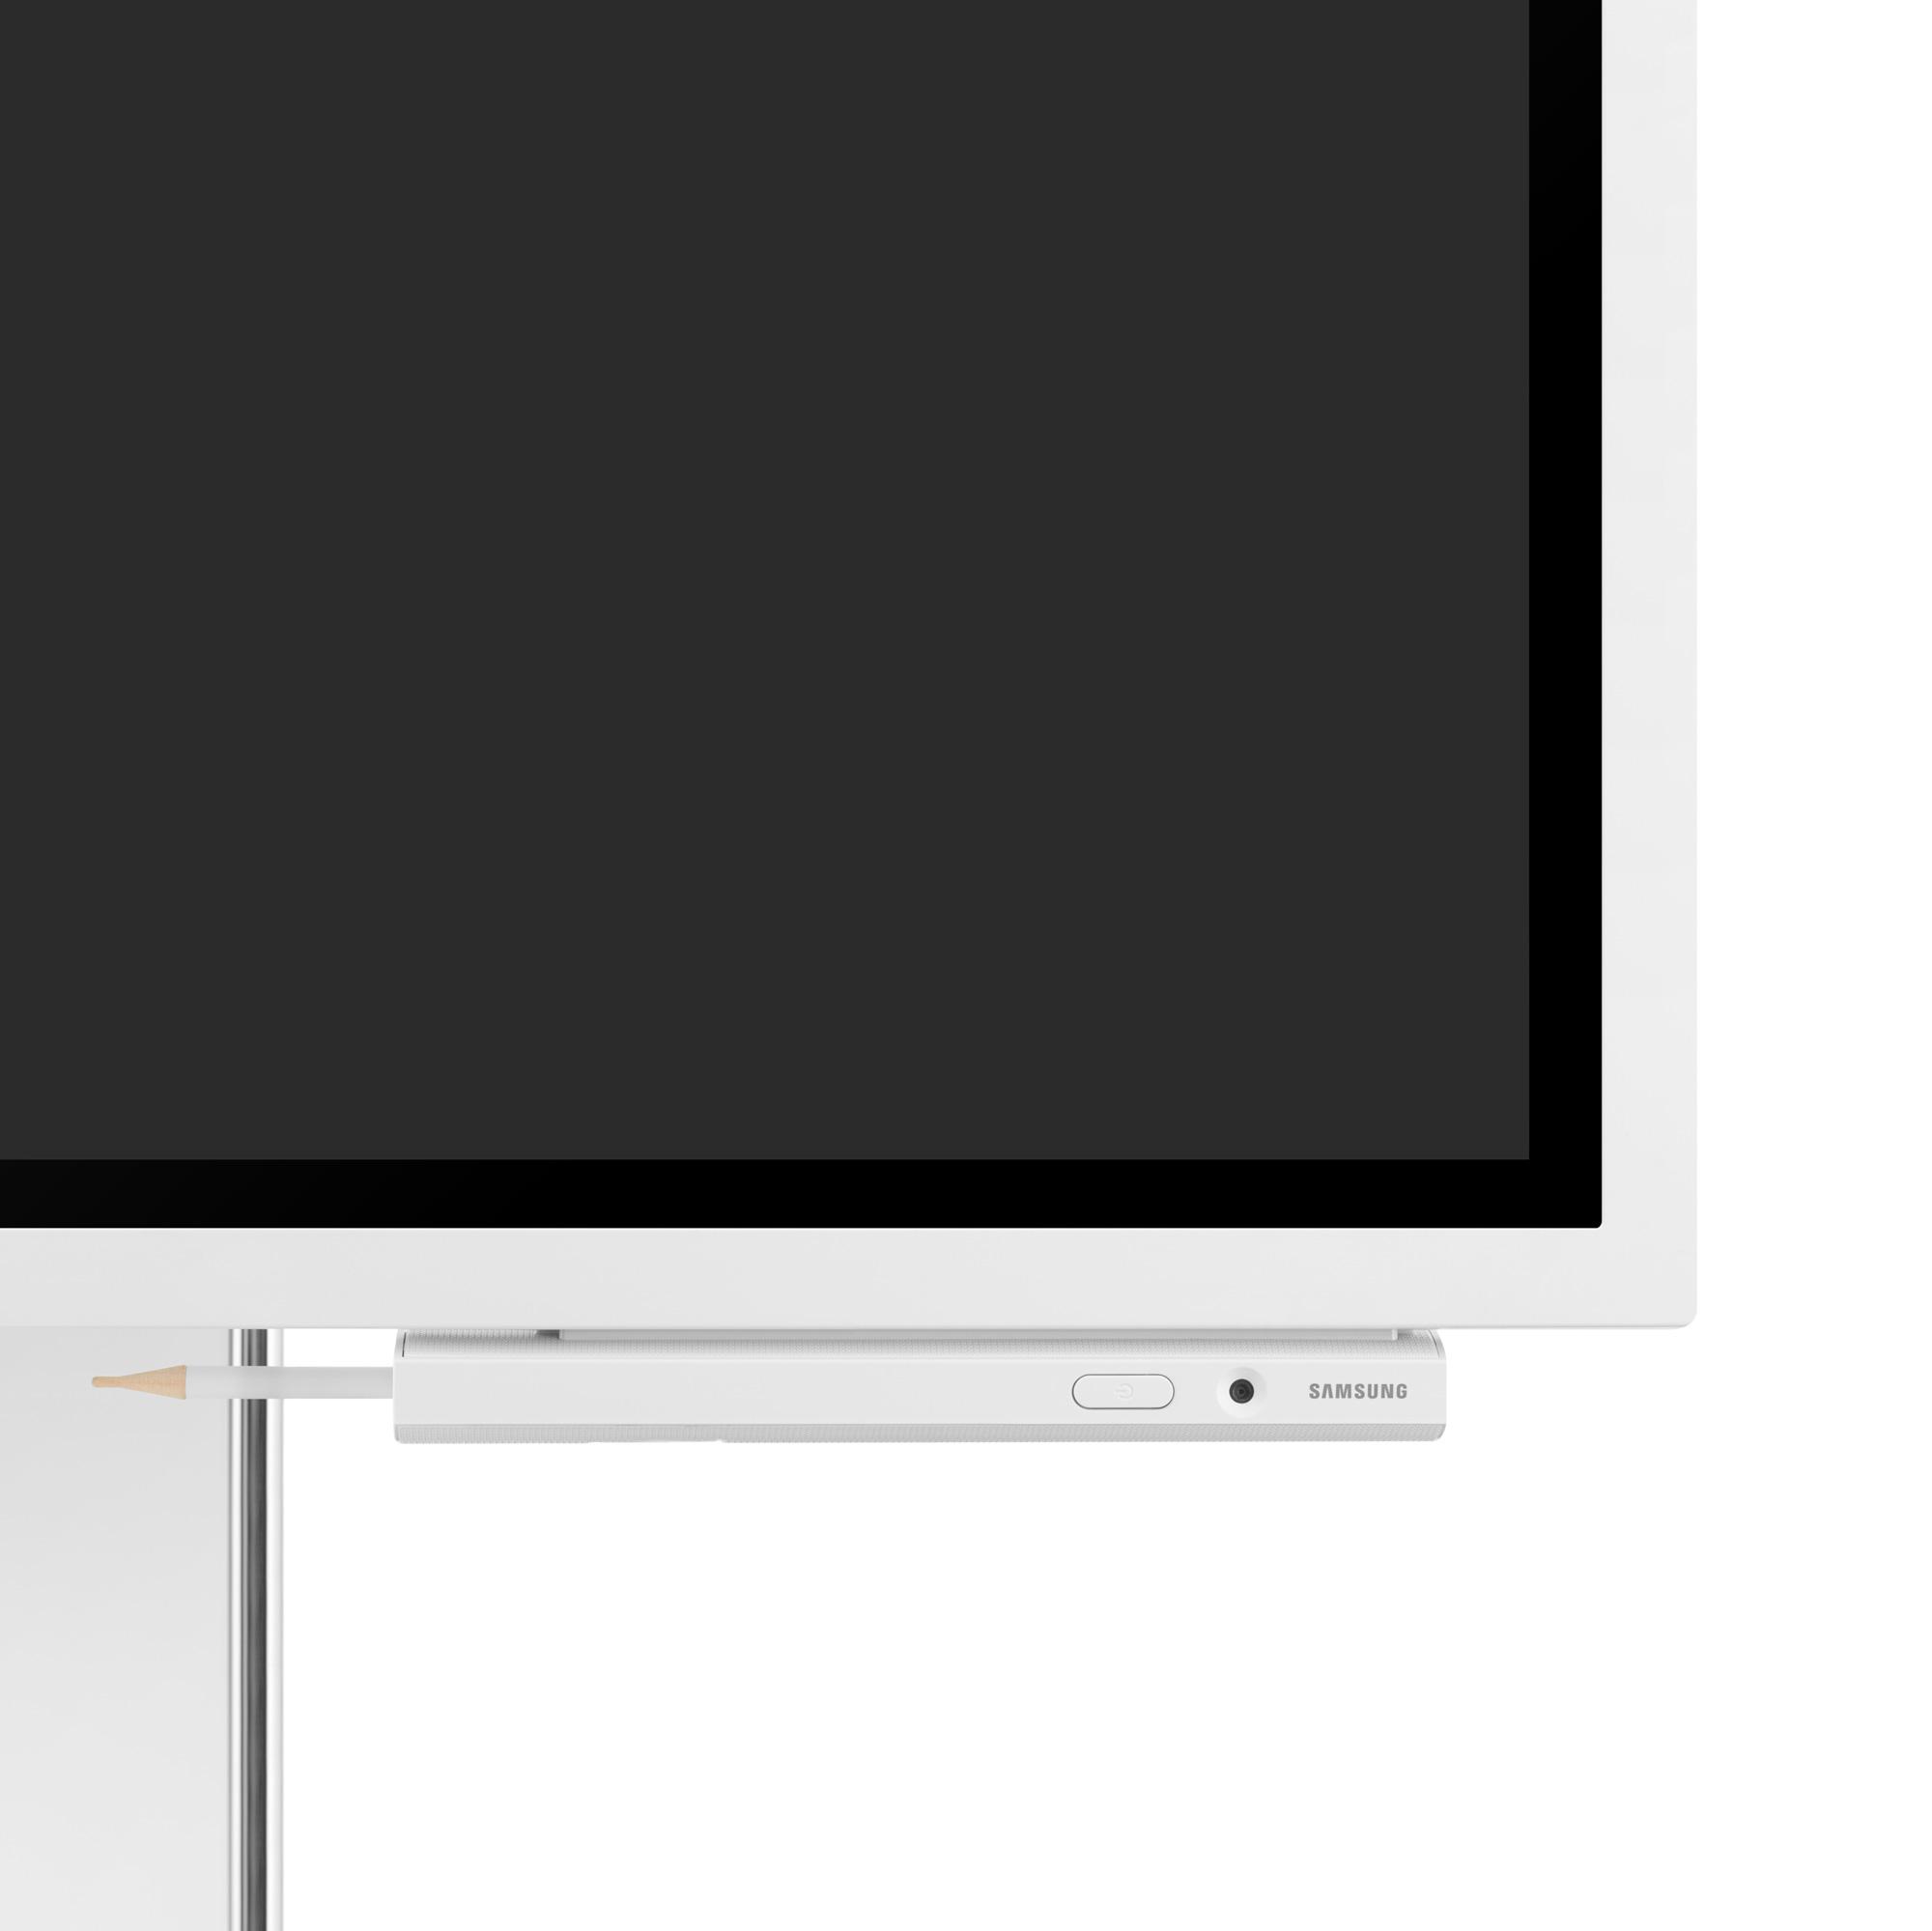 Produktfotos von Medienmöbel. Produktfotografie auf weißen Hintergrund